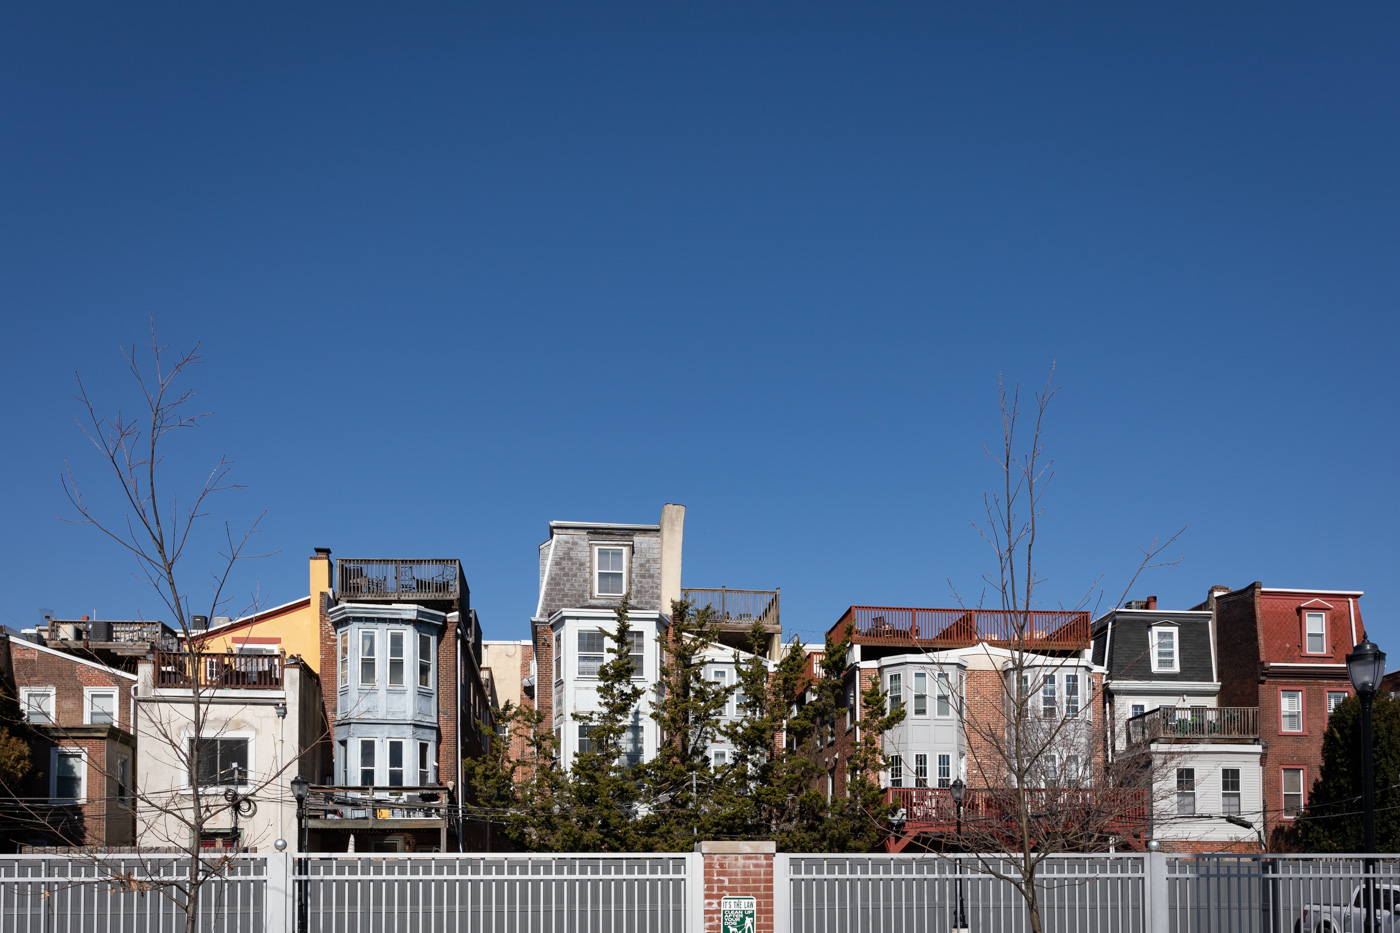 Fairmount Houses